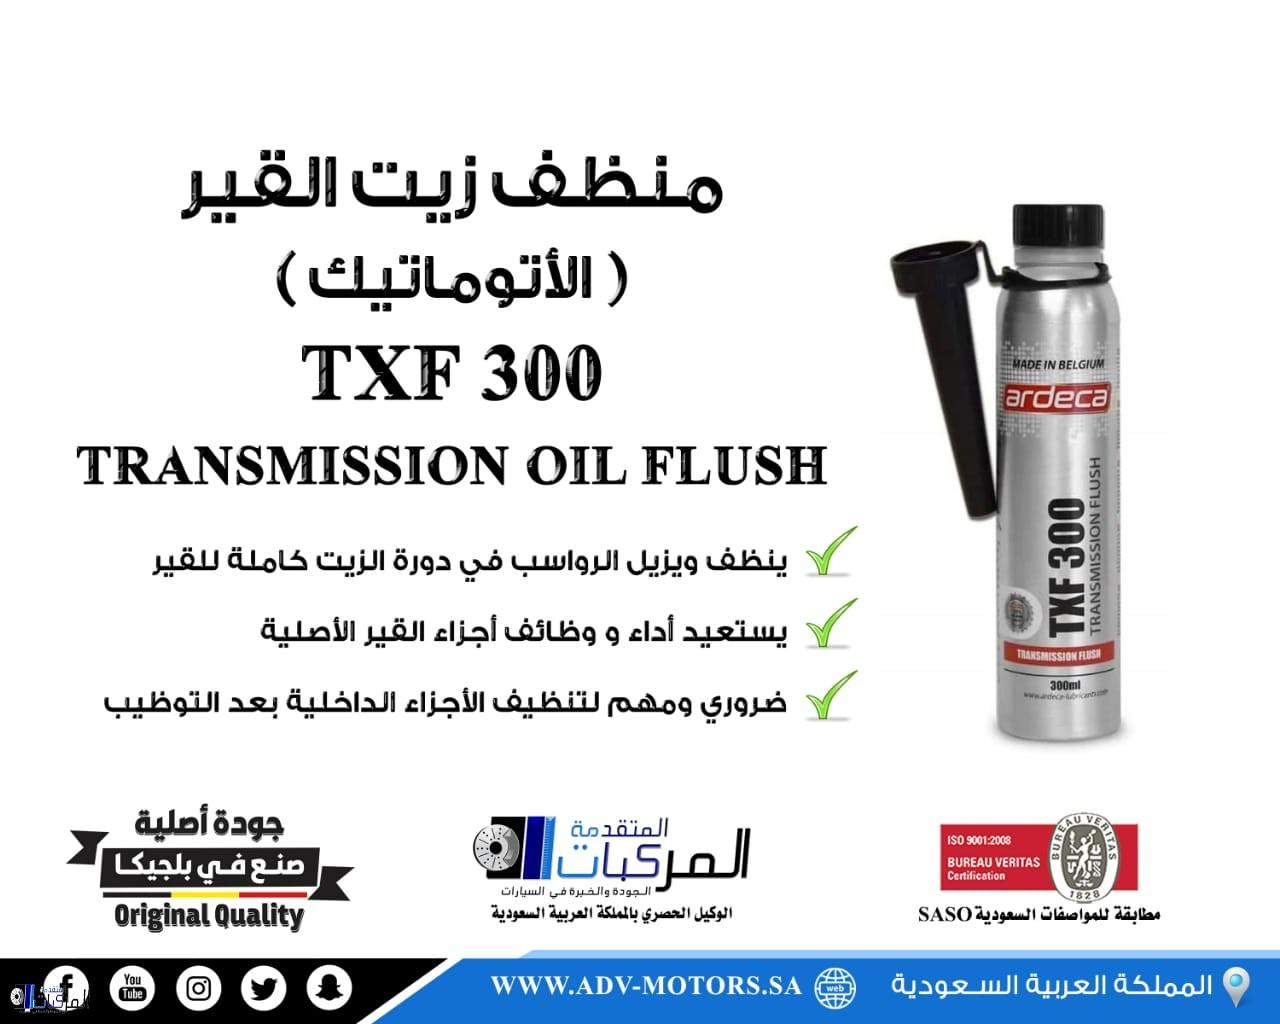 منظف زيت القير الاتوماتيك TXF 300